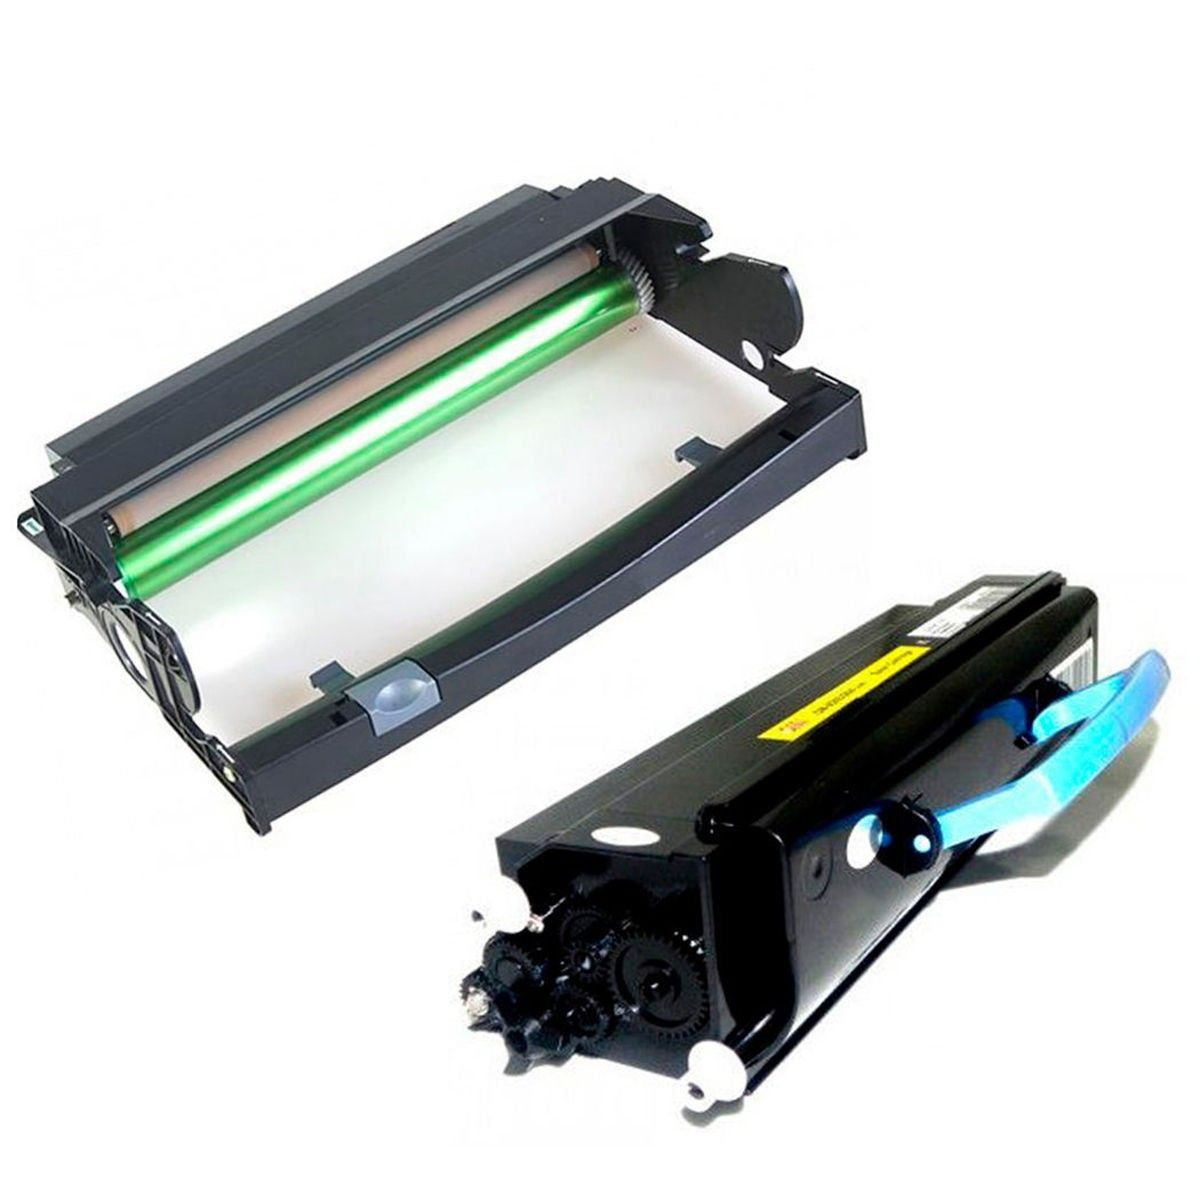 Compatível: Combo Fotocondutor 12A8302 D4283 + Toner E230 para Lexmark E240 E330 E340 E342 E232 E332n E238 E240n E342n